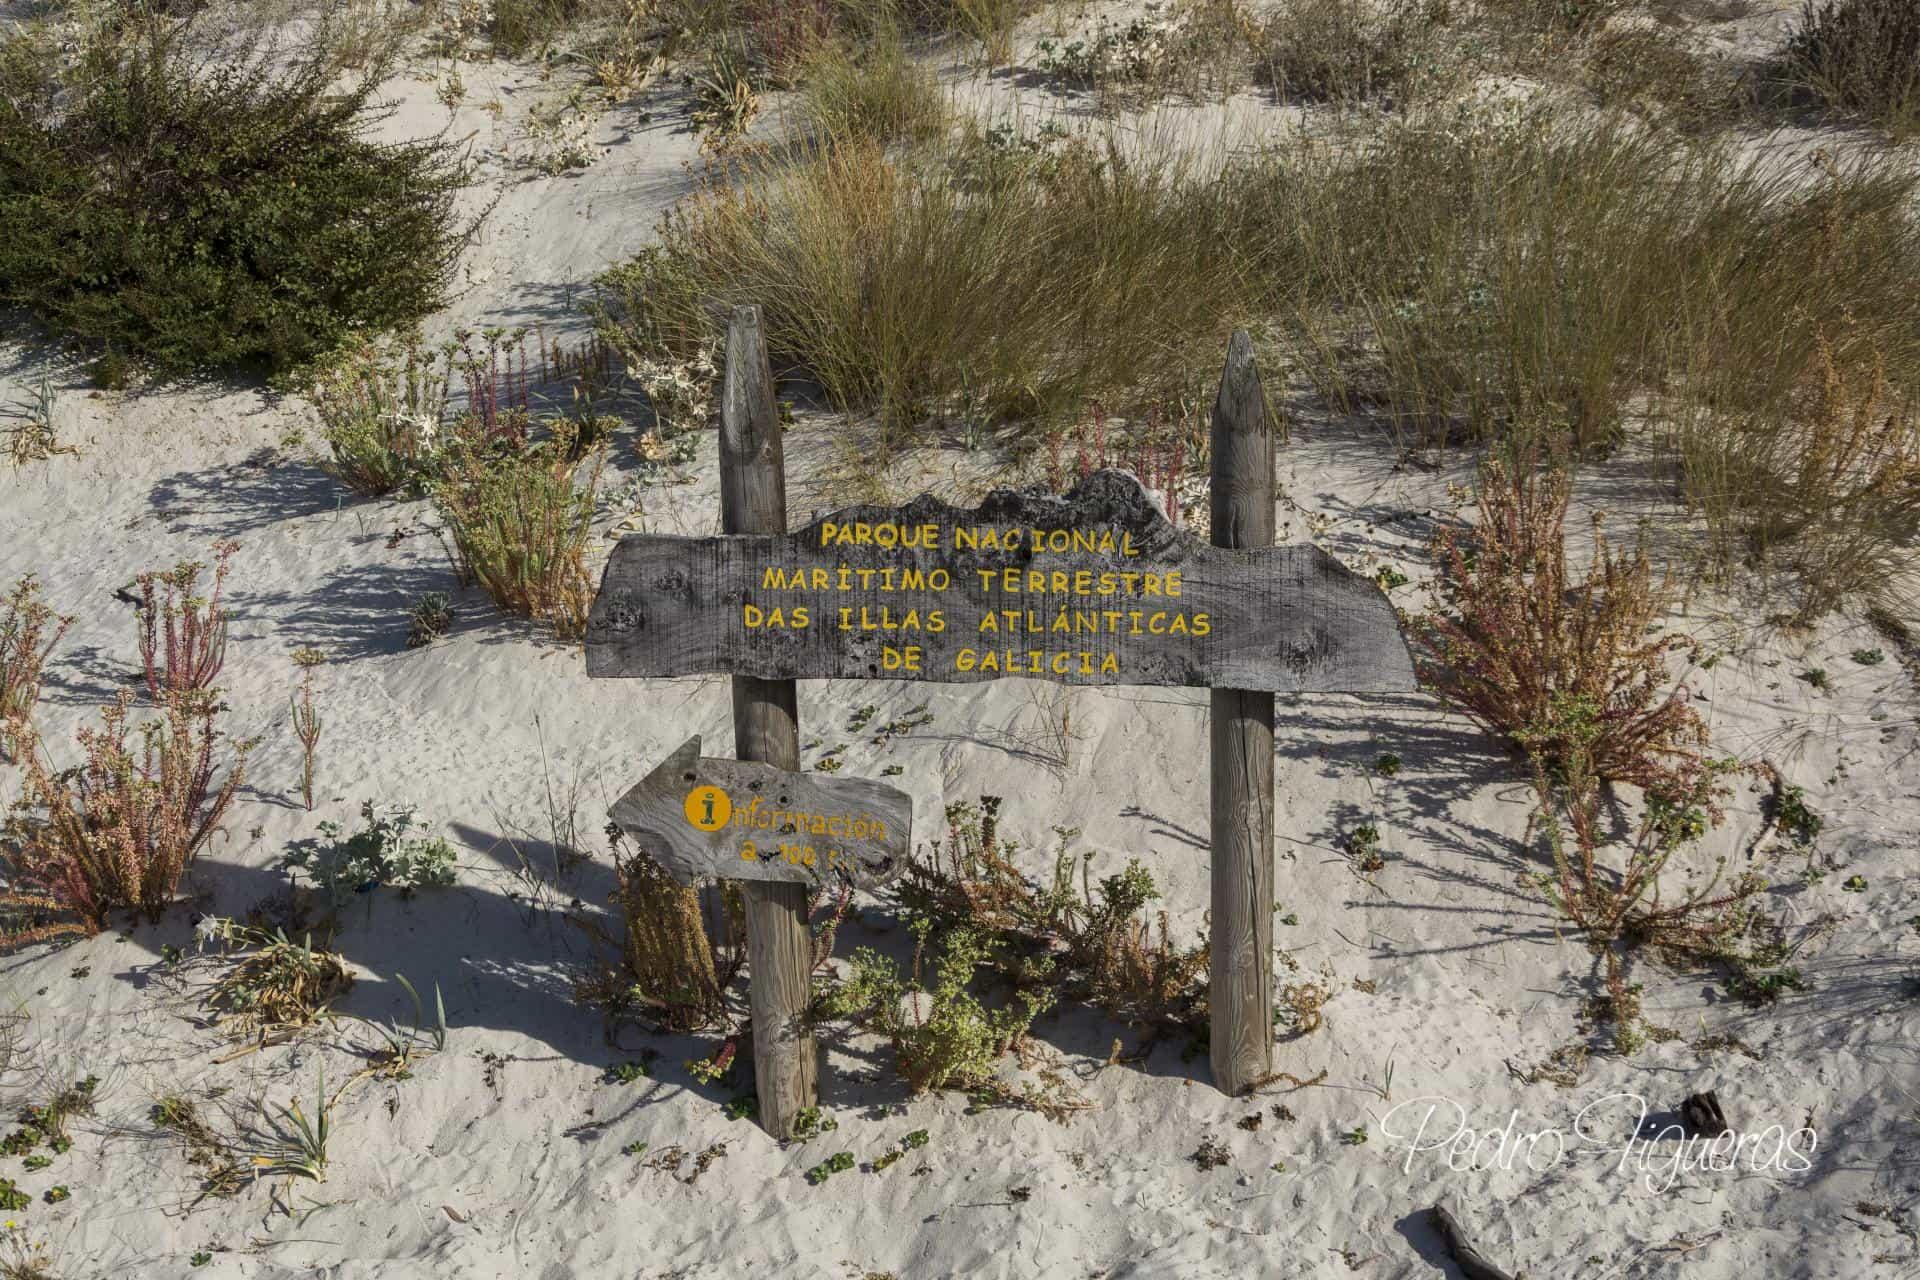 """Concursos """"100 anos de Parques Nacionais, conservando a natureza xuntos"""""""